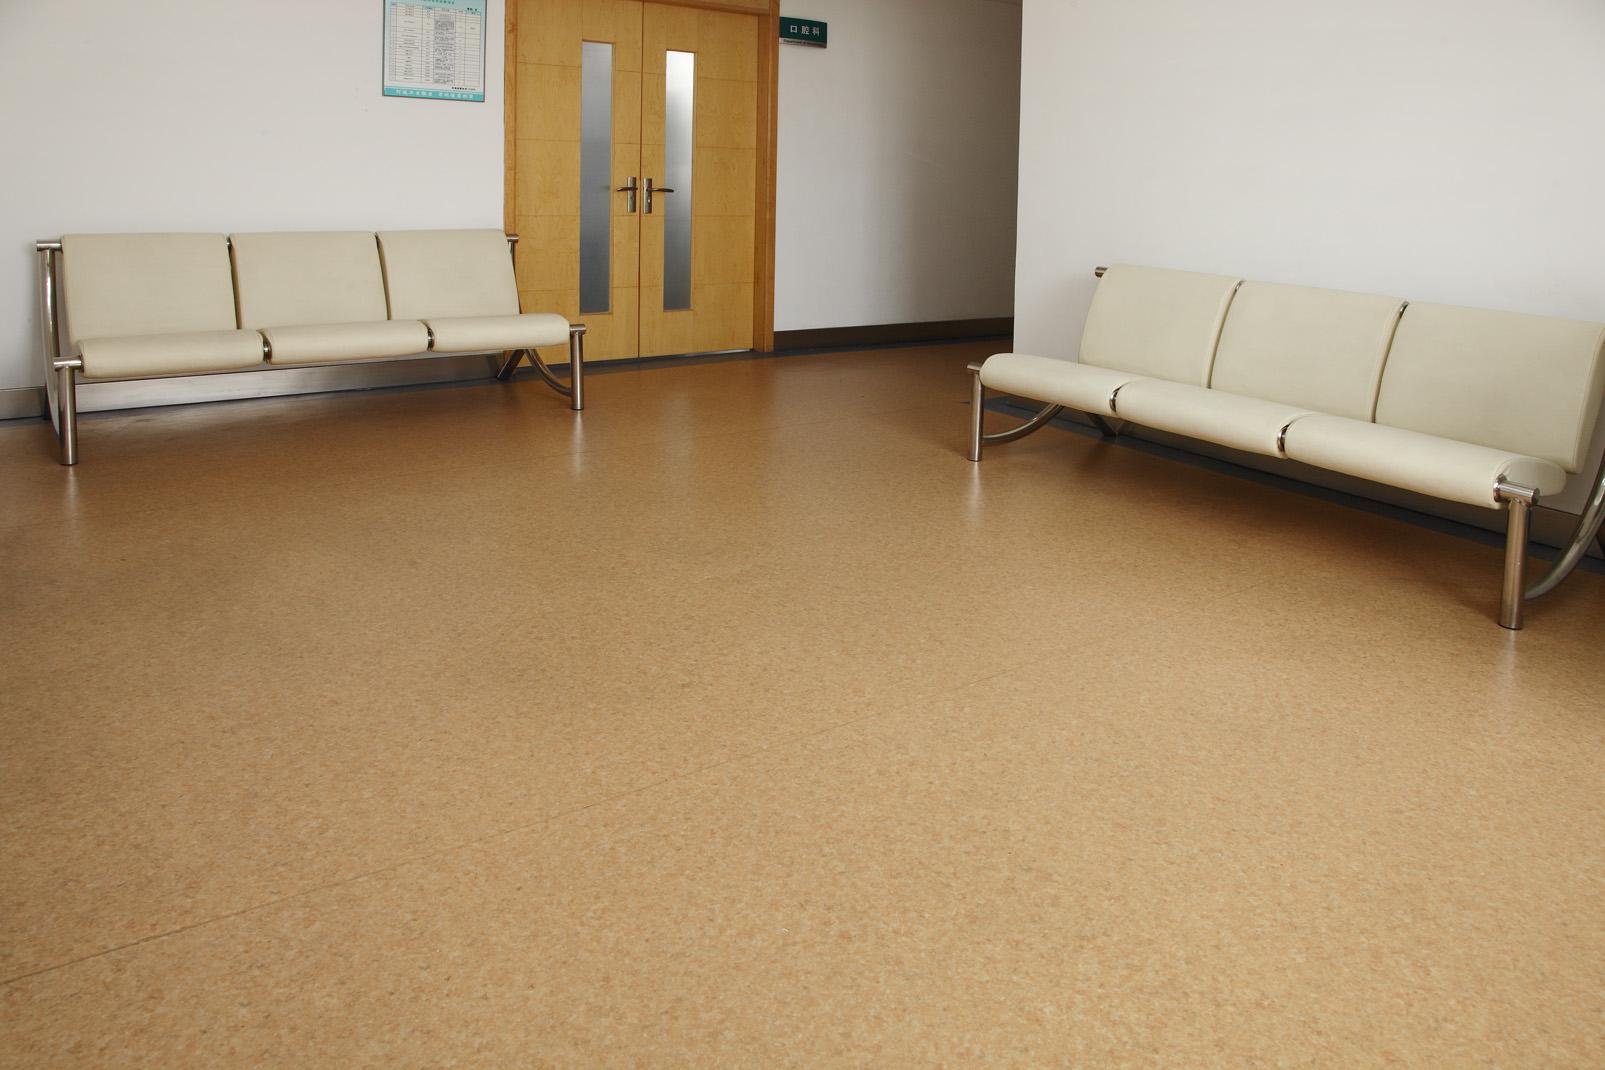 地面装饰材料为什么要选择PVC塑胶地板【腾方PVC地板】